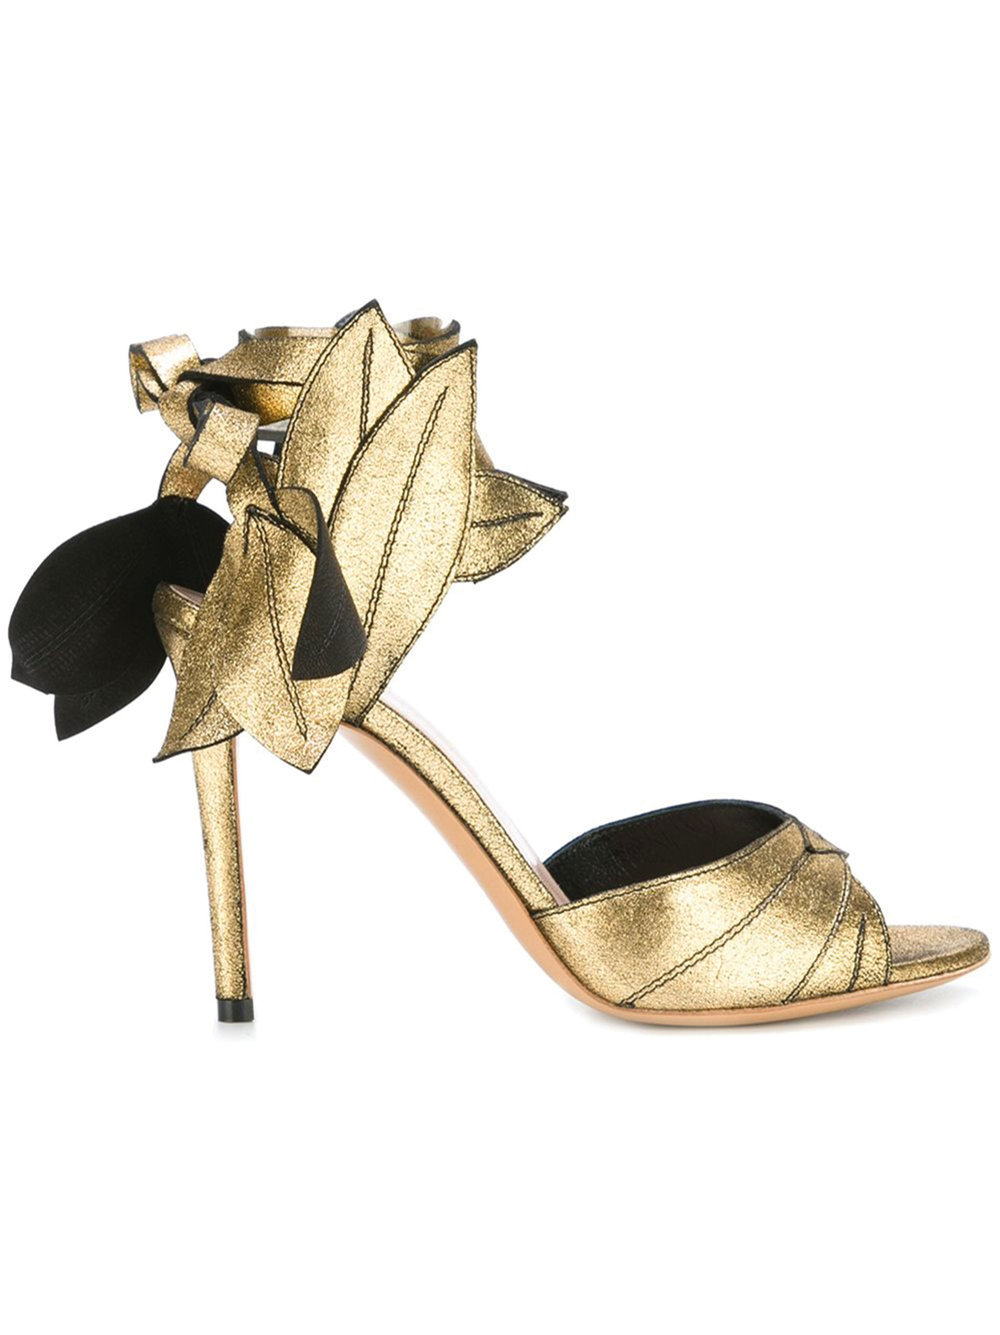 10.Leaf Sandals by Vivienne Westwood $535.50, farfetch.ca